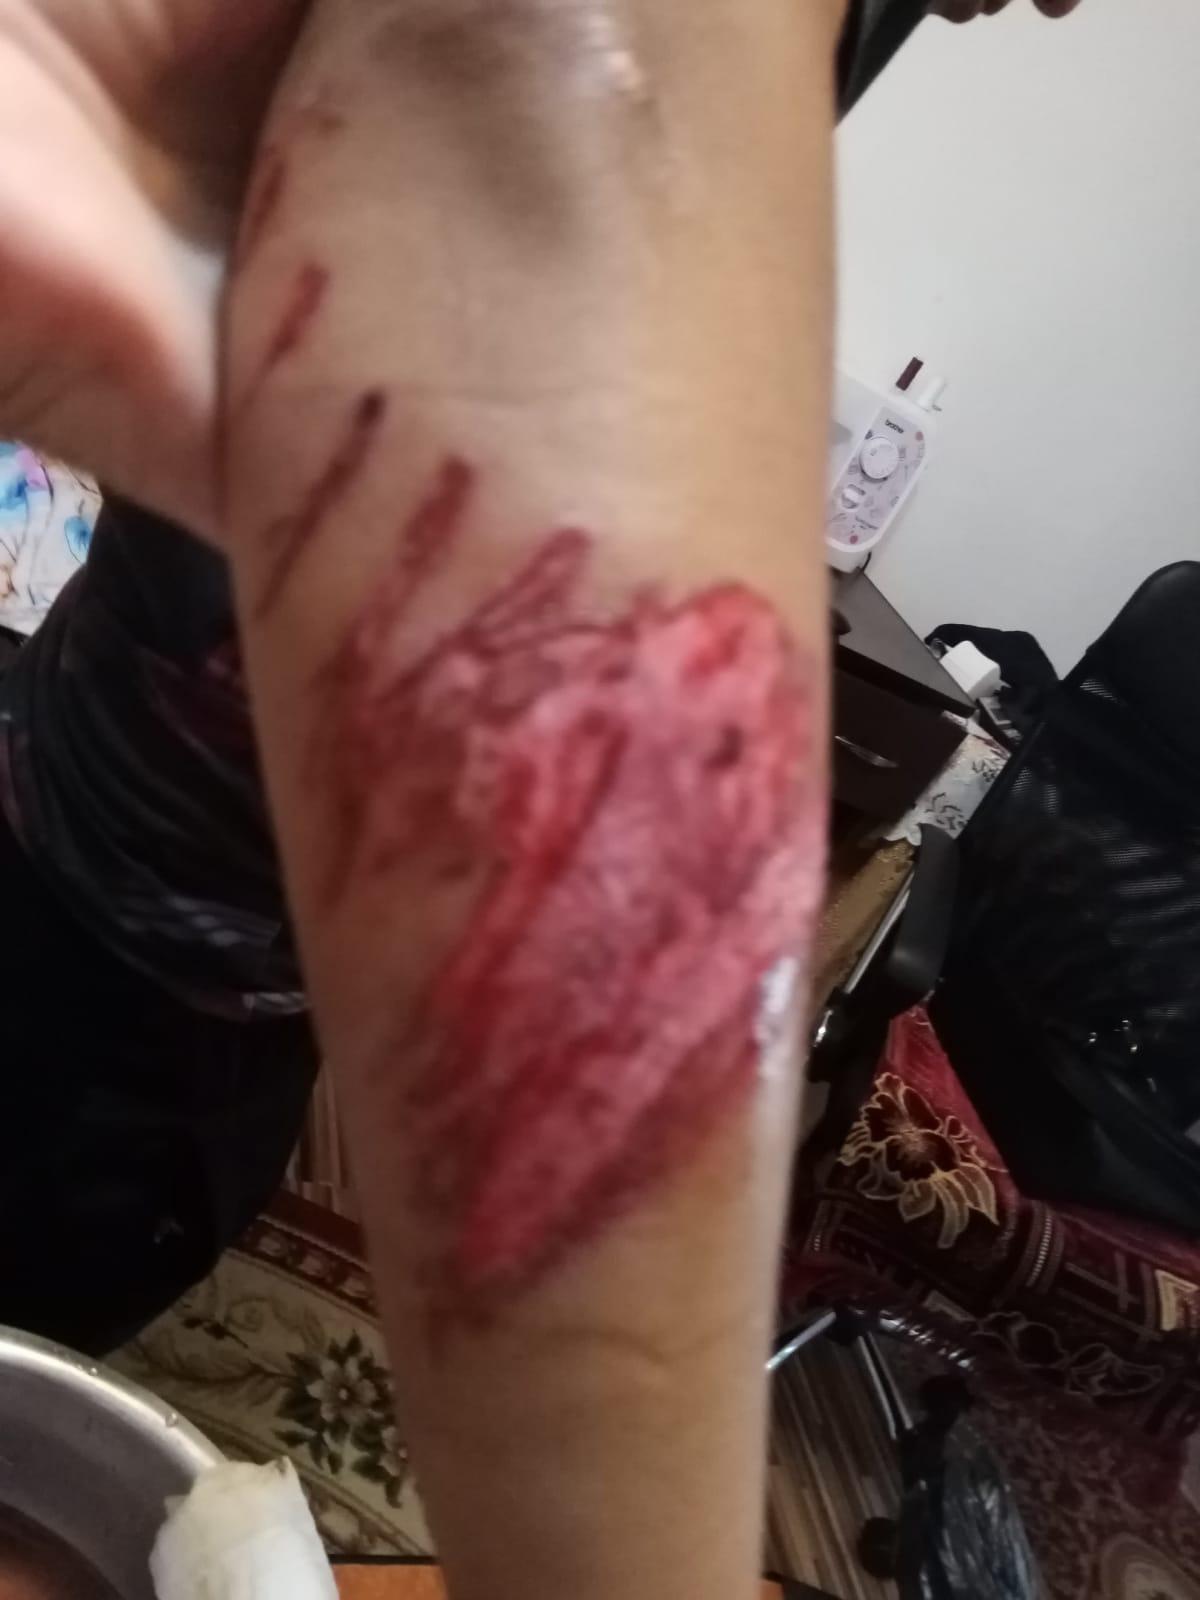 Grup de sportivi buzoieni, atacat cu o motocoasă de un individ băut. S-a întâmplat într-o stațiune de pe Valea Prahovei